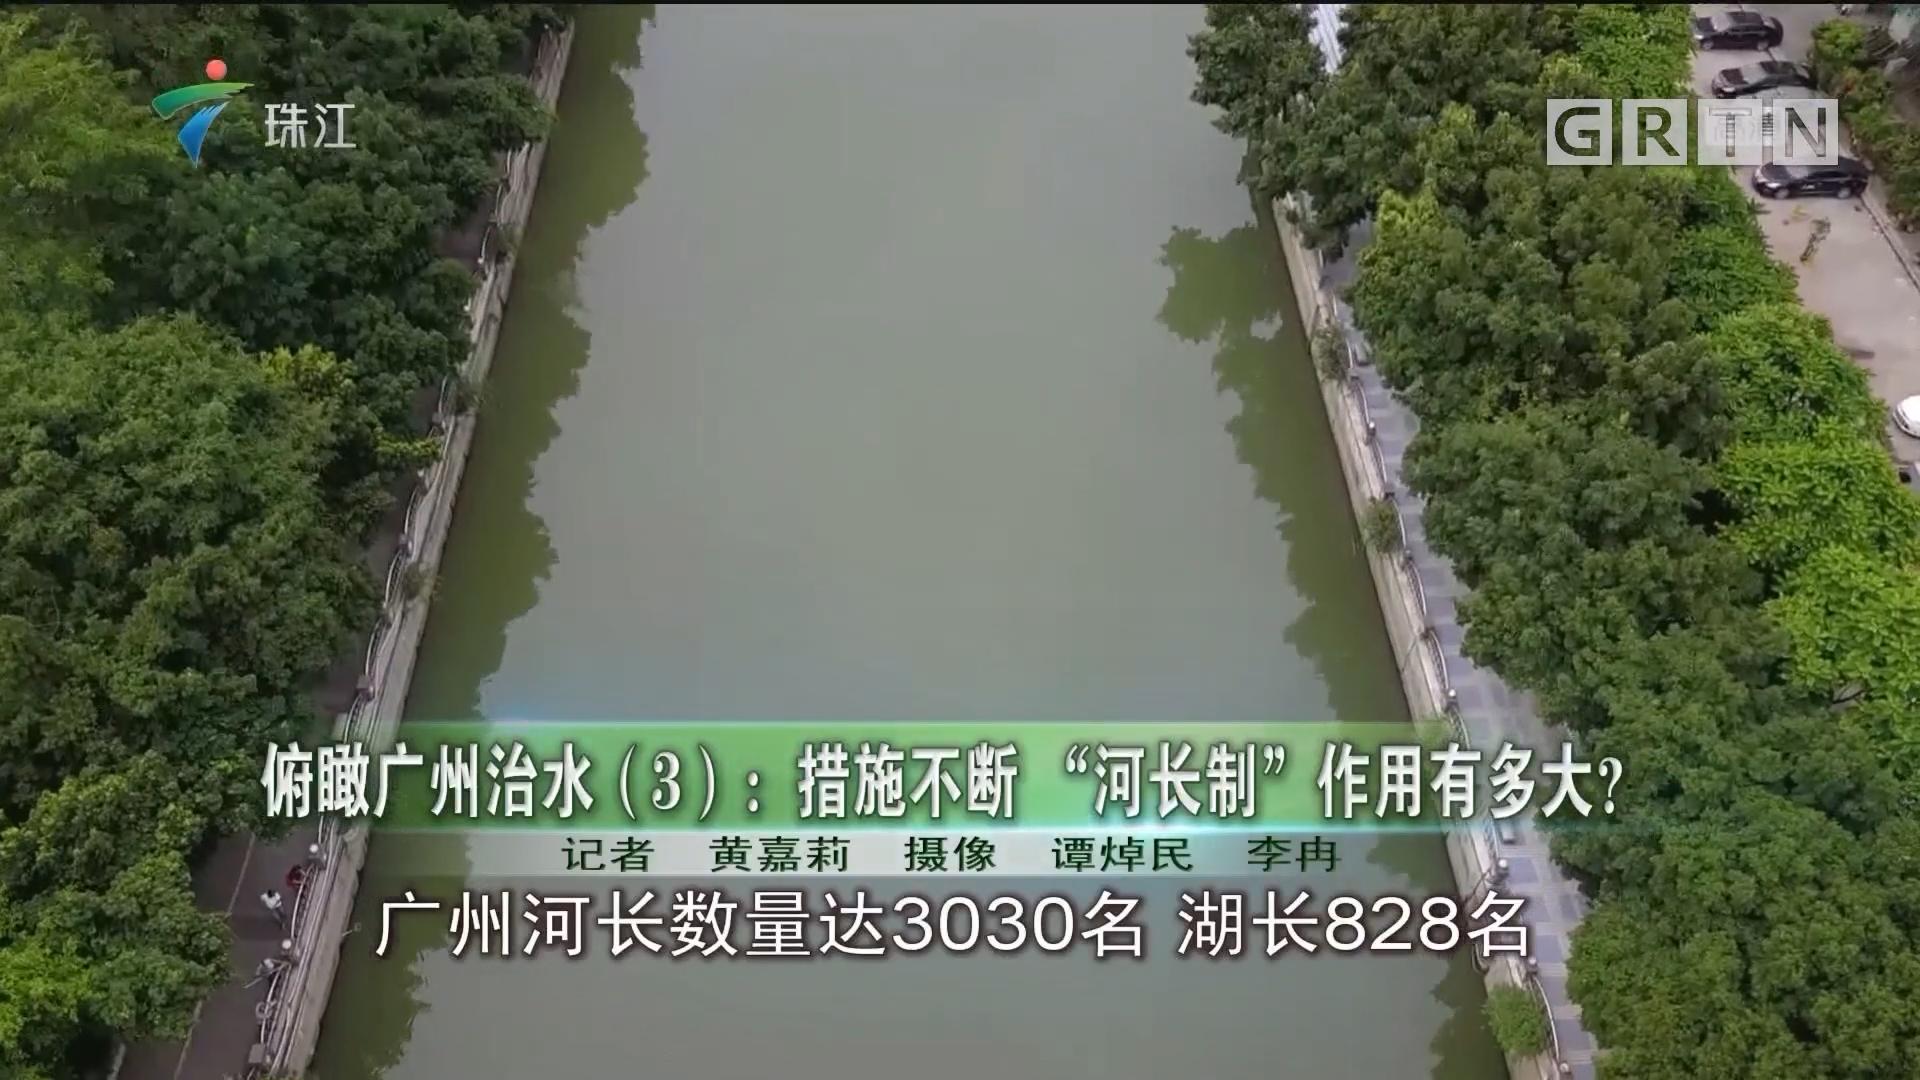 """俯瞰广州治水(3):措施不断 """"河长制""""作用有多大?"""